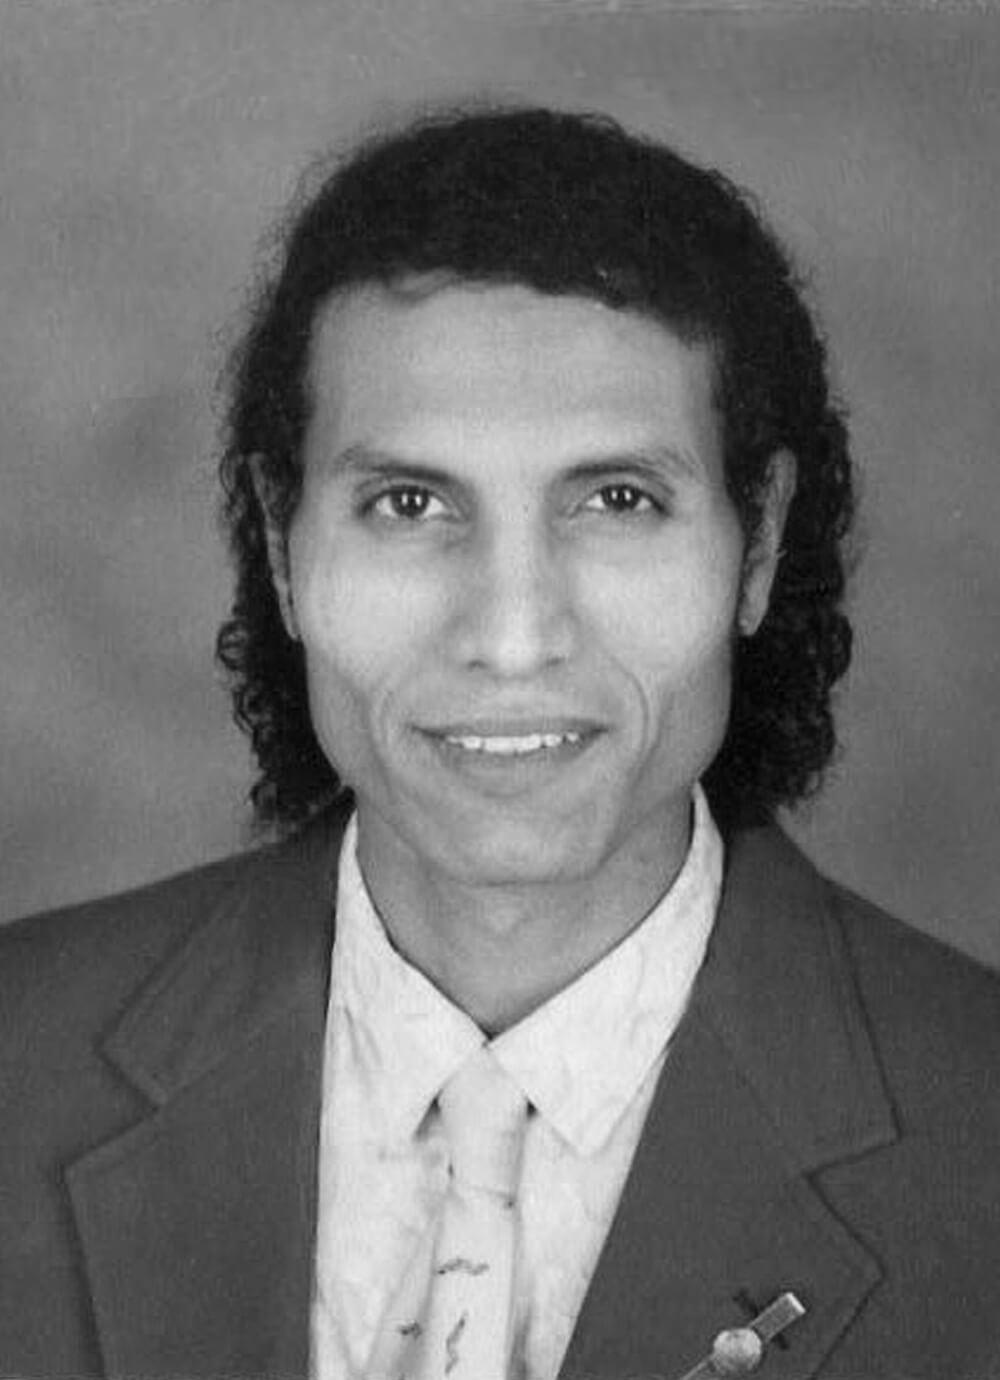 Khaled Hamed